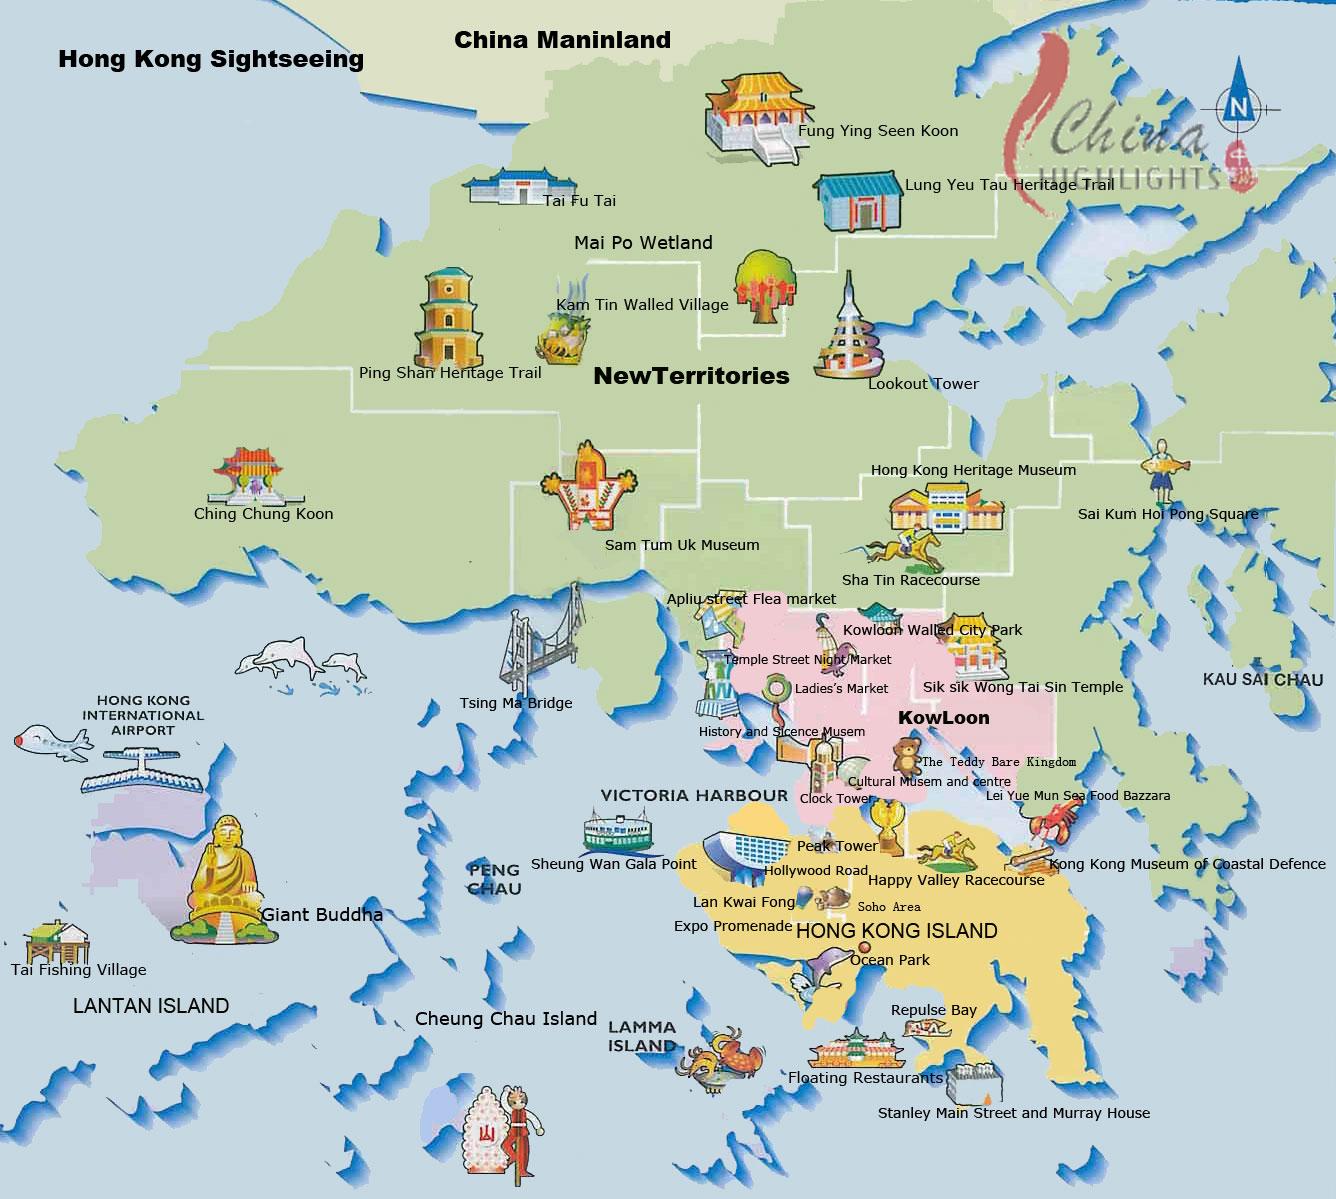 Hong Kong ... so not China   Carol's World Map Of Mainland China on map of the republic of china, map of geography china, matsu islands, map of korea and china, latest entertainment news china, map of smog in china, map of southern china, old world map china, map of south china sea, chinese civil war, mountain ranges map of china, south china sea, map of india and china, map of china ports, map of china with cities, shenzhen china, hong kong and mainland china, map of communist china, map of population density china, flag of japan and china, hong kong island china, chinese in china, sixty-four villages east of the river, map of southeast china,